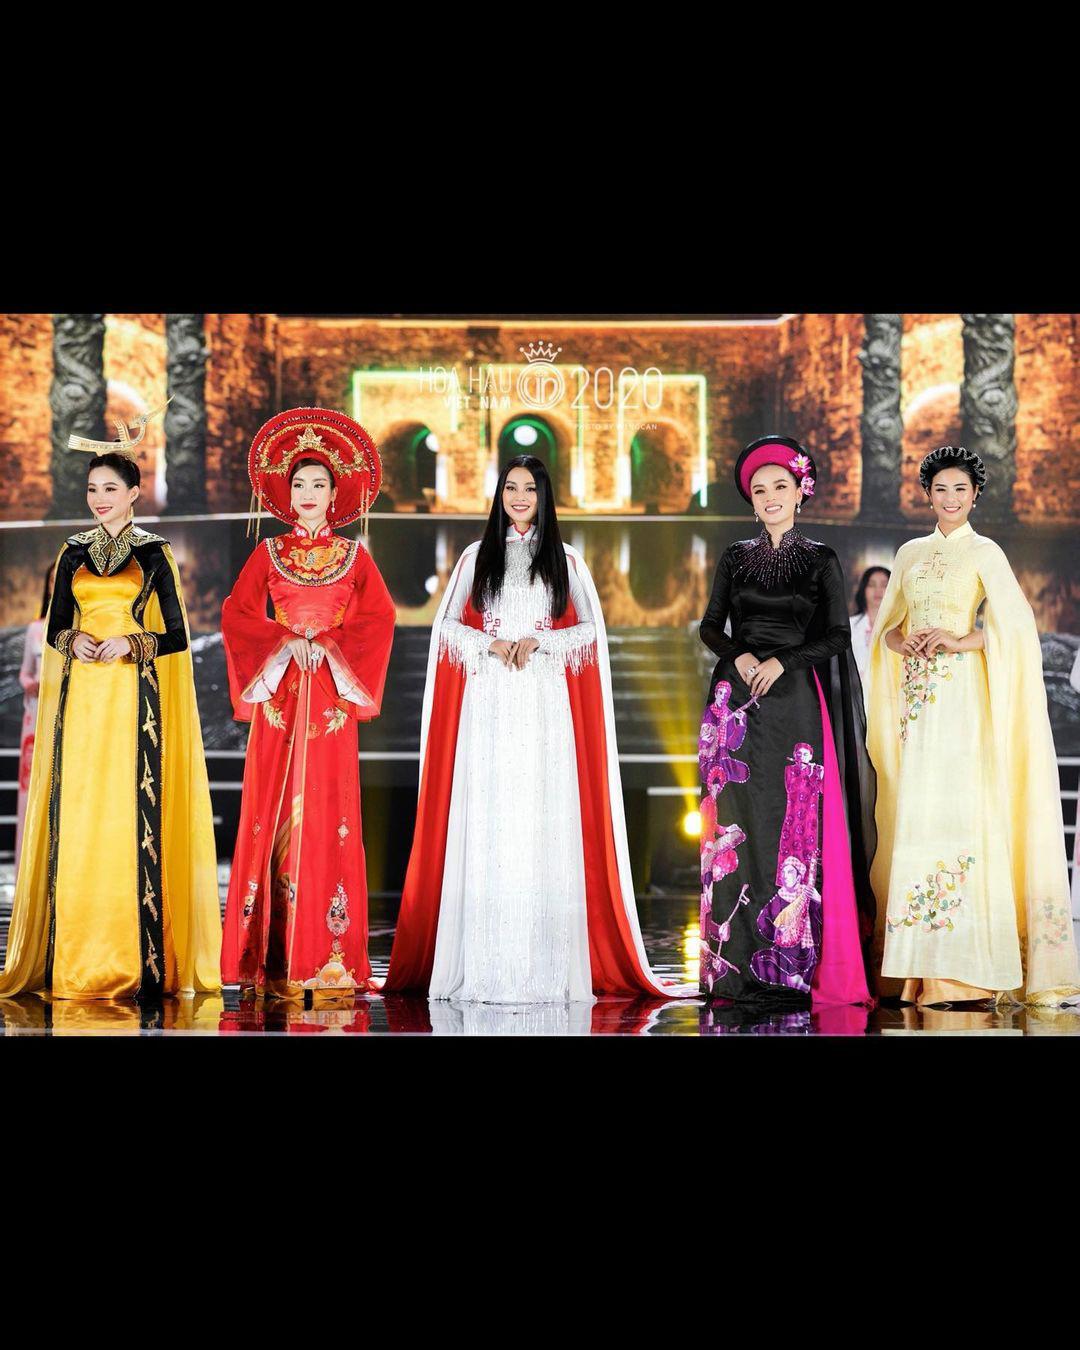 Kỳ Duyên hoài niệm về khoảnh khắc đăng quang Hoa hậu Việt Nam 2014, Trần Tiểu Vy bồi hồi xúc động - Ảnh 1.